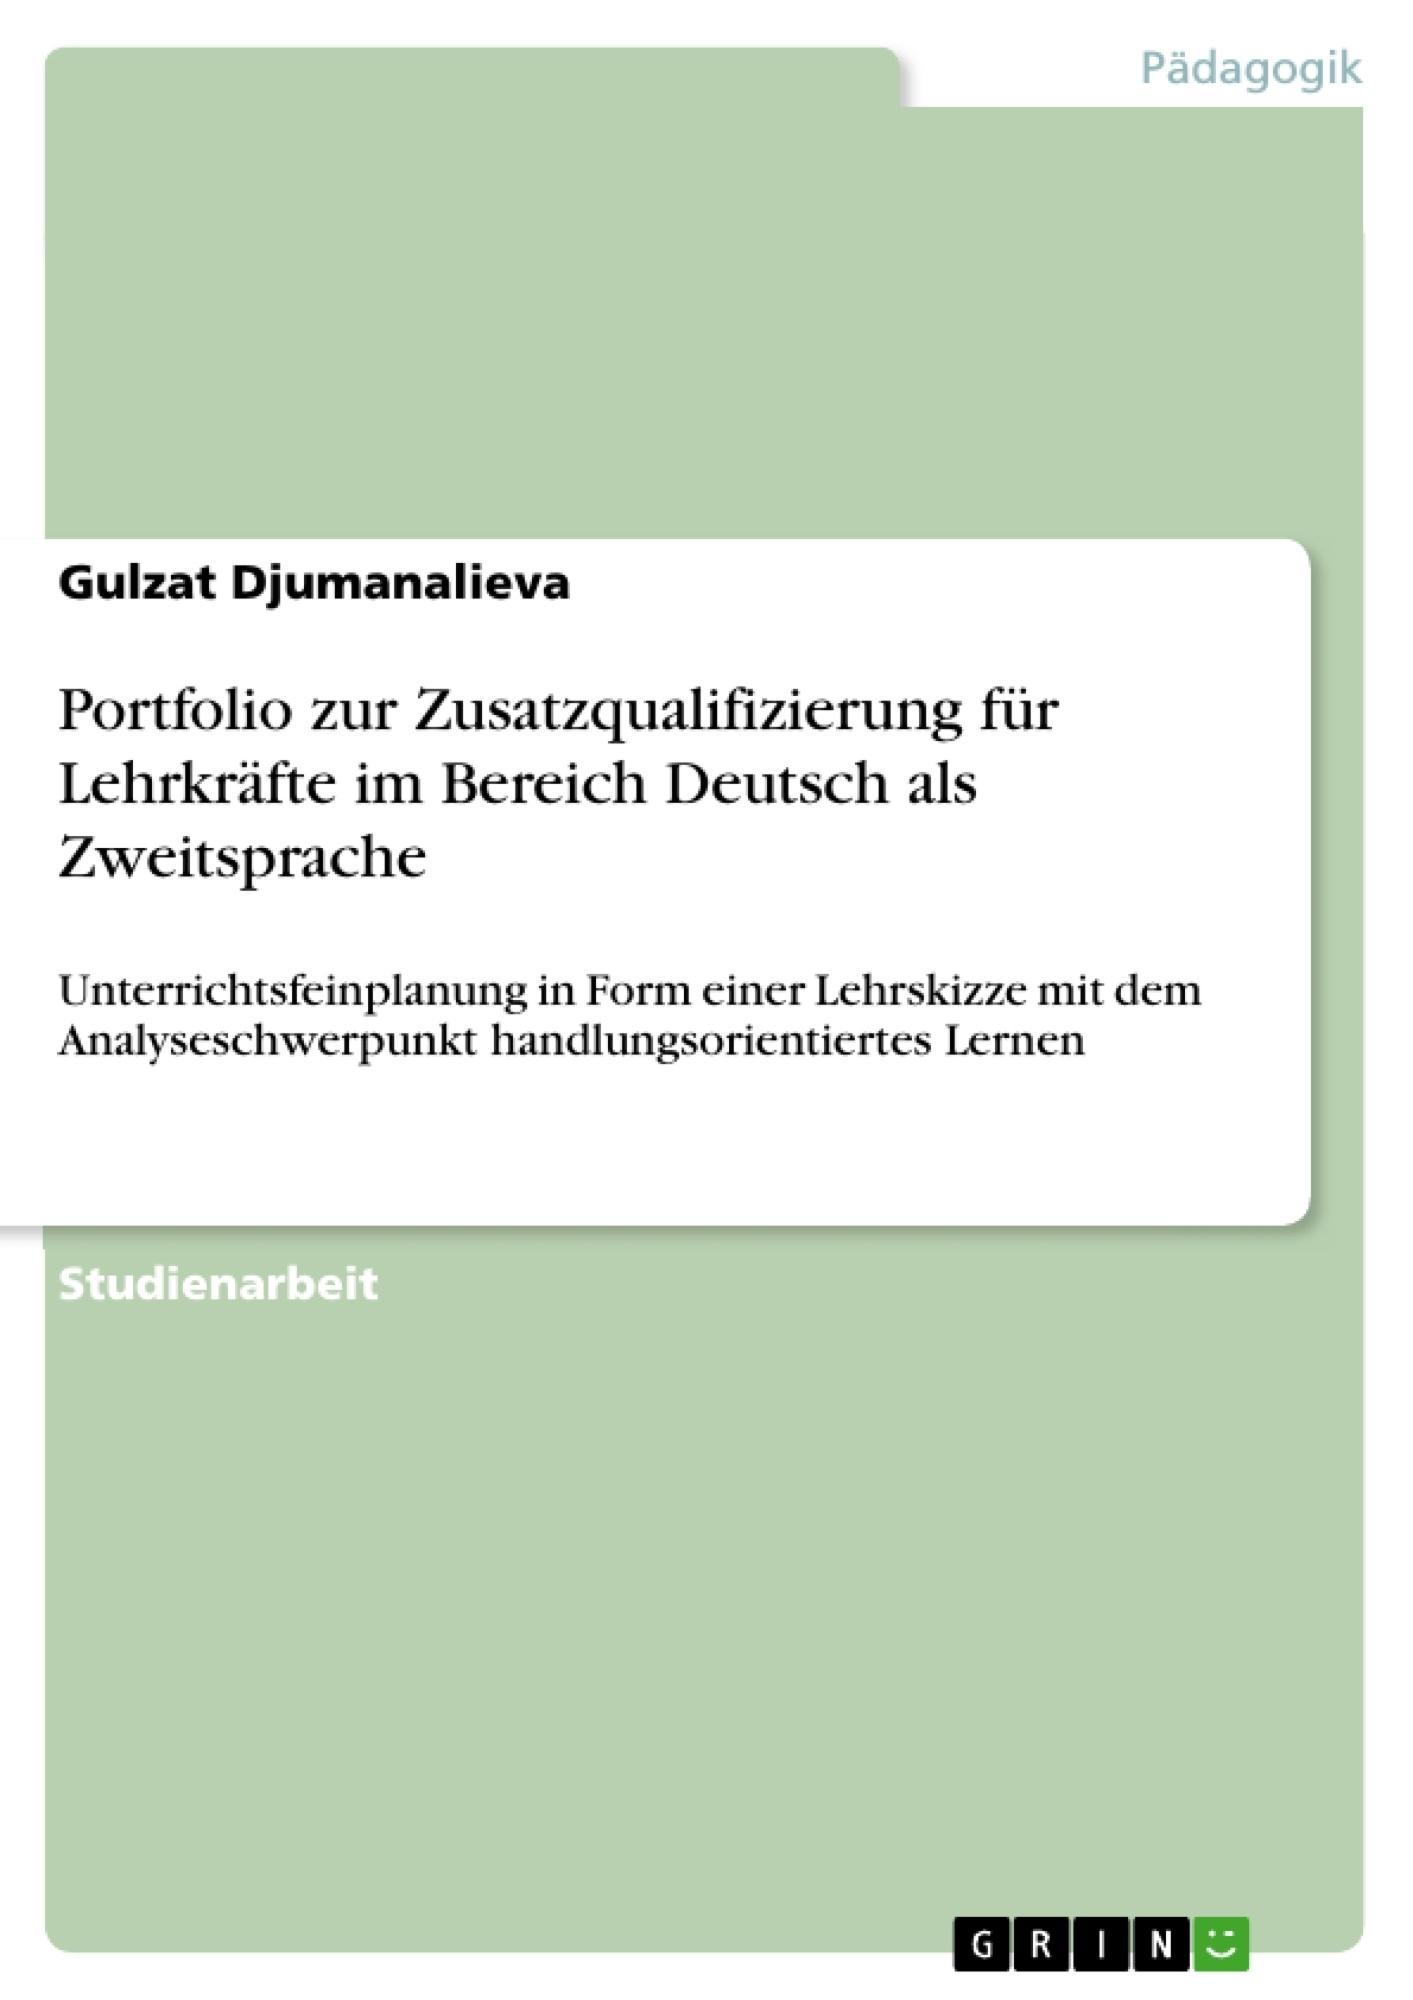 Titel: Portfolio zur Zusatzqualifizierung für Lehrkräfte im Bereich Deutsch als Zweitsprache